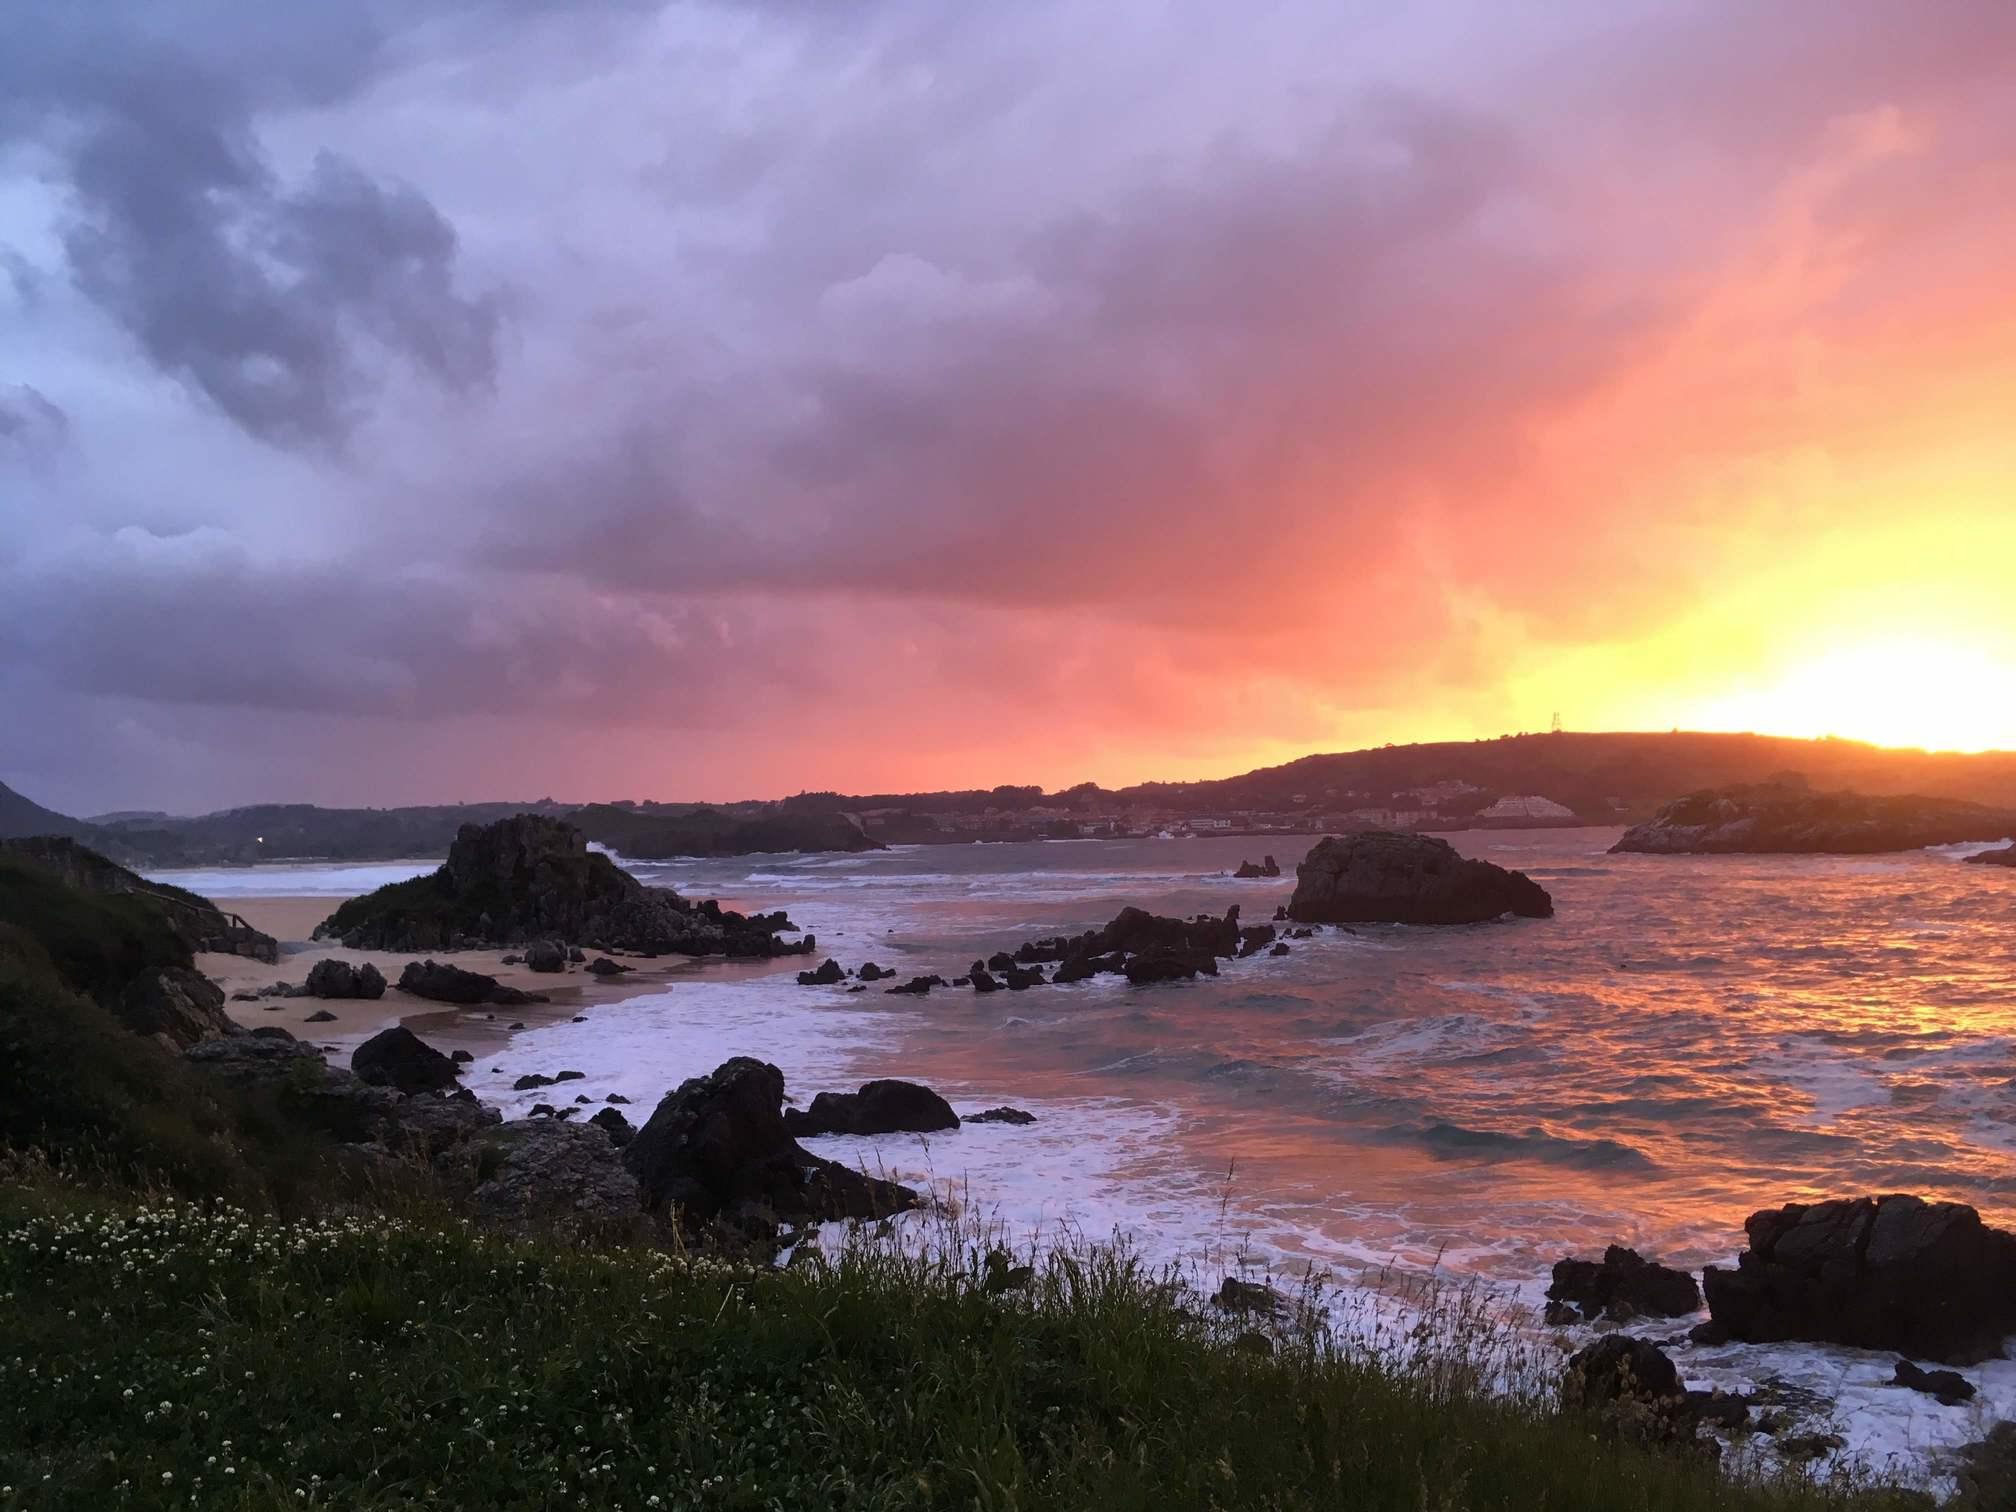 Küstenlandschaft im Sonnenuntergang